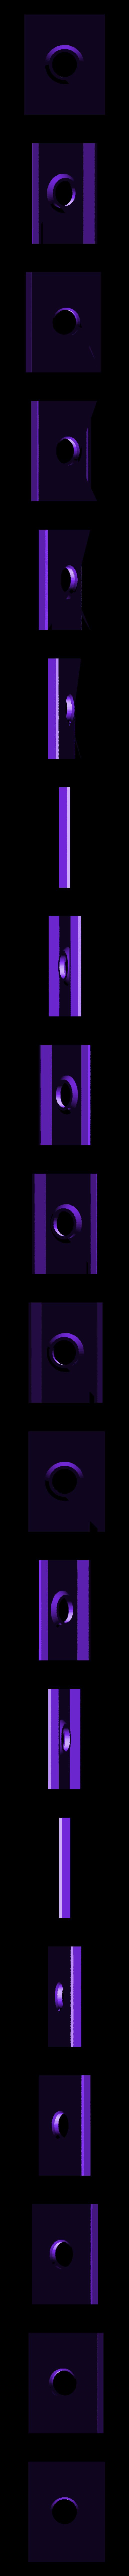 CSS-crank-cover.stl Télécharger fichier STL gratuit Distributeur de soudure à manivelle à main • Objet imprimable en 3D, Adafruit